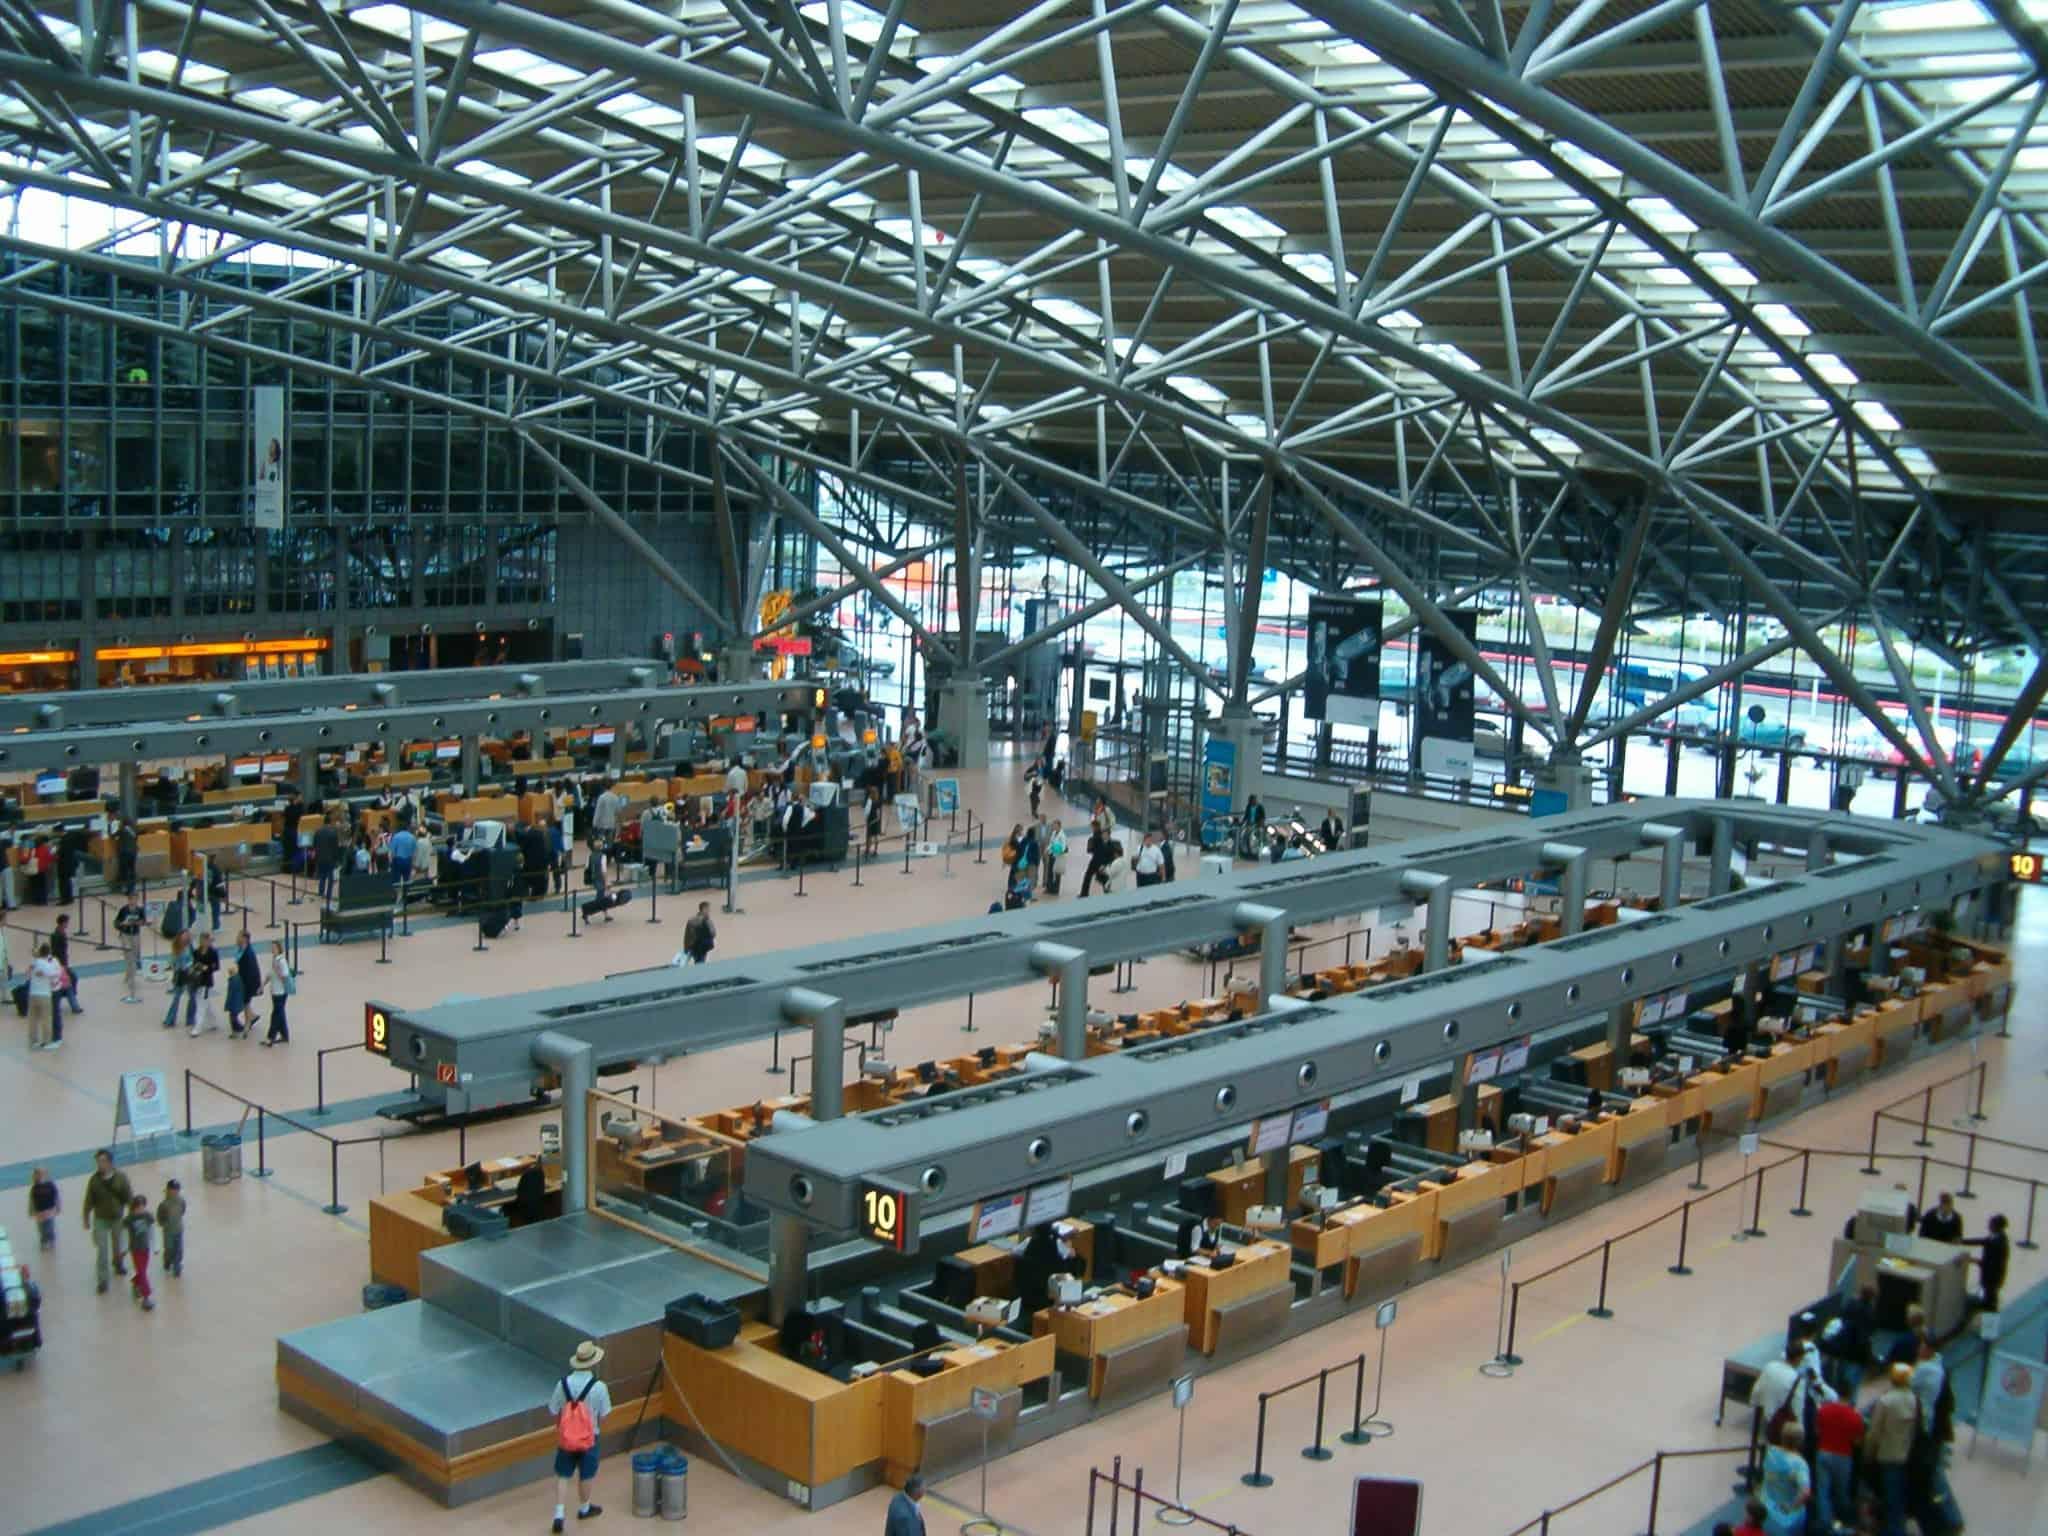 Interior of the Hamburg Airport